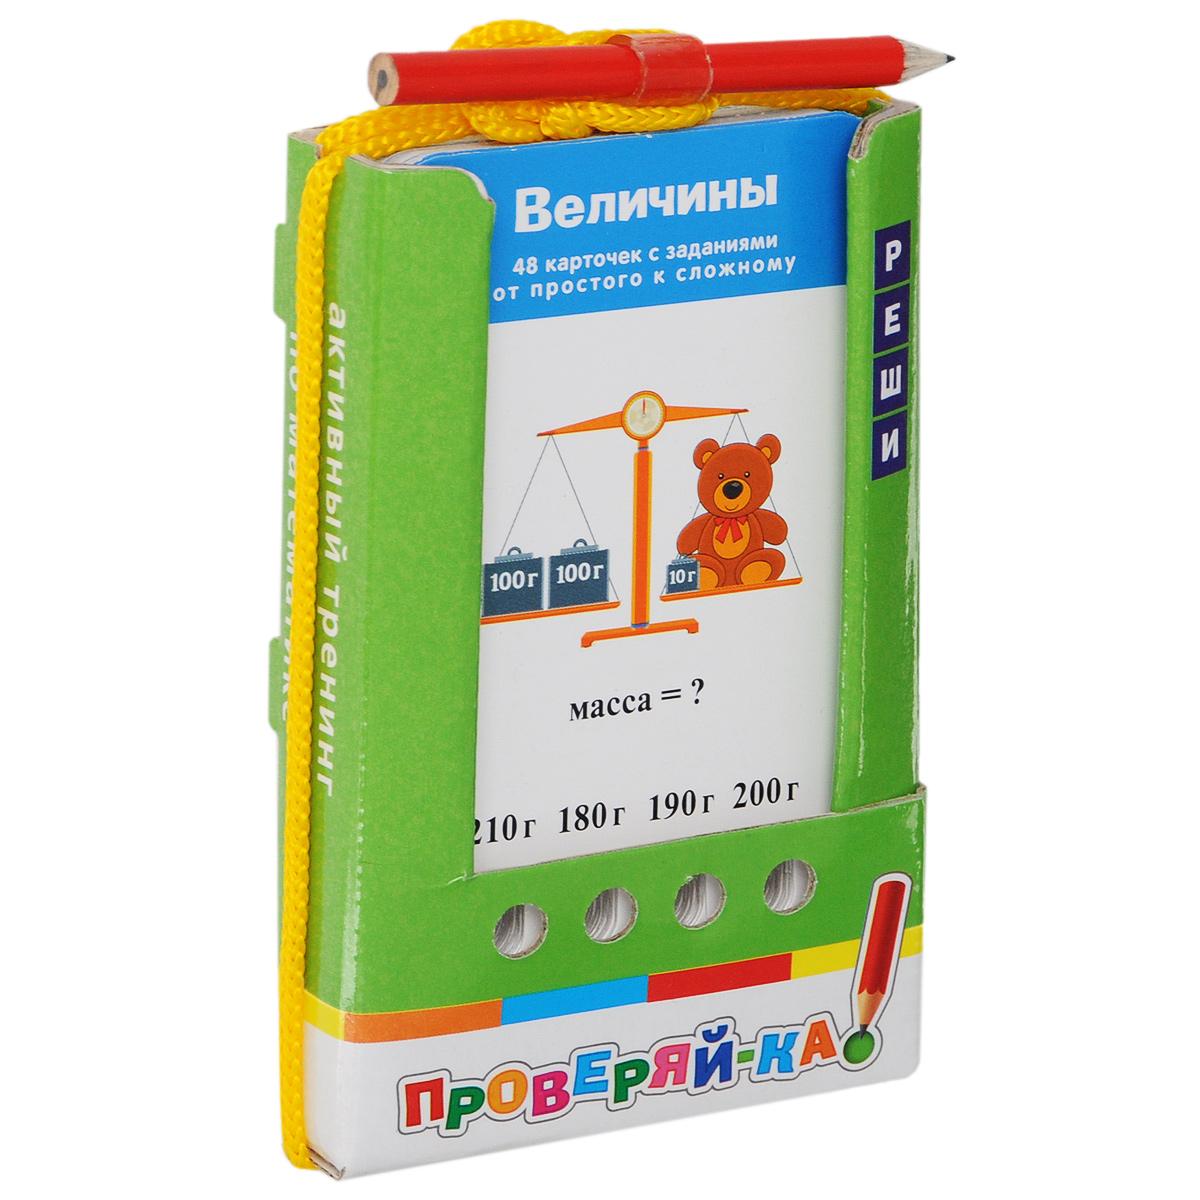 Айрис-пресс Обучающая игра Величины978-5-8112-5215-2Комплект состоит из 48 двухсторонних карточек и рассчитан на две разных игры с цветной и чёрно-белой сторонами. Задания ориентированы на автоматизацию навыка оперирования величинами (сантиметр, метр, килограмм, литр, гектар, час и так далее). Условия игры с карточками подразумевают их многократное использование. Простота и удобство комплекта позволяют организовать игру в школе и дома, а также в транспорте или на природе. Благодаря игровой форме пособия учебный материал усваивается легче и без принуждения, реализуется безопасное для здоровья ребёнка обучение.